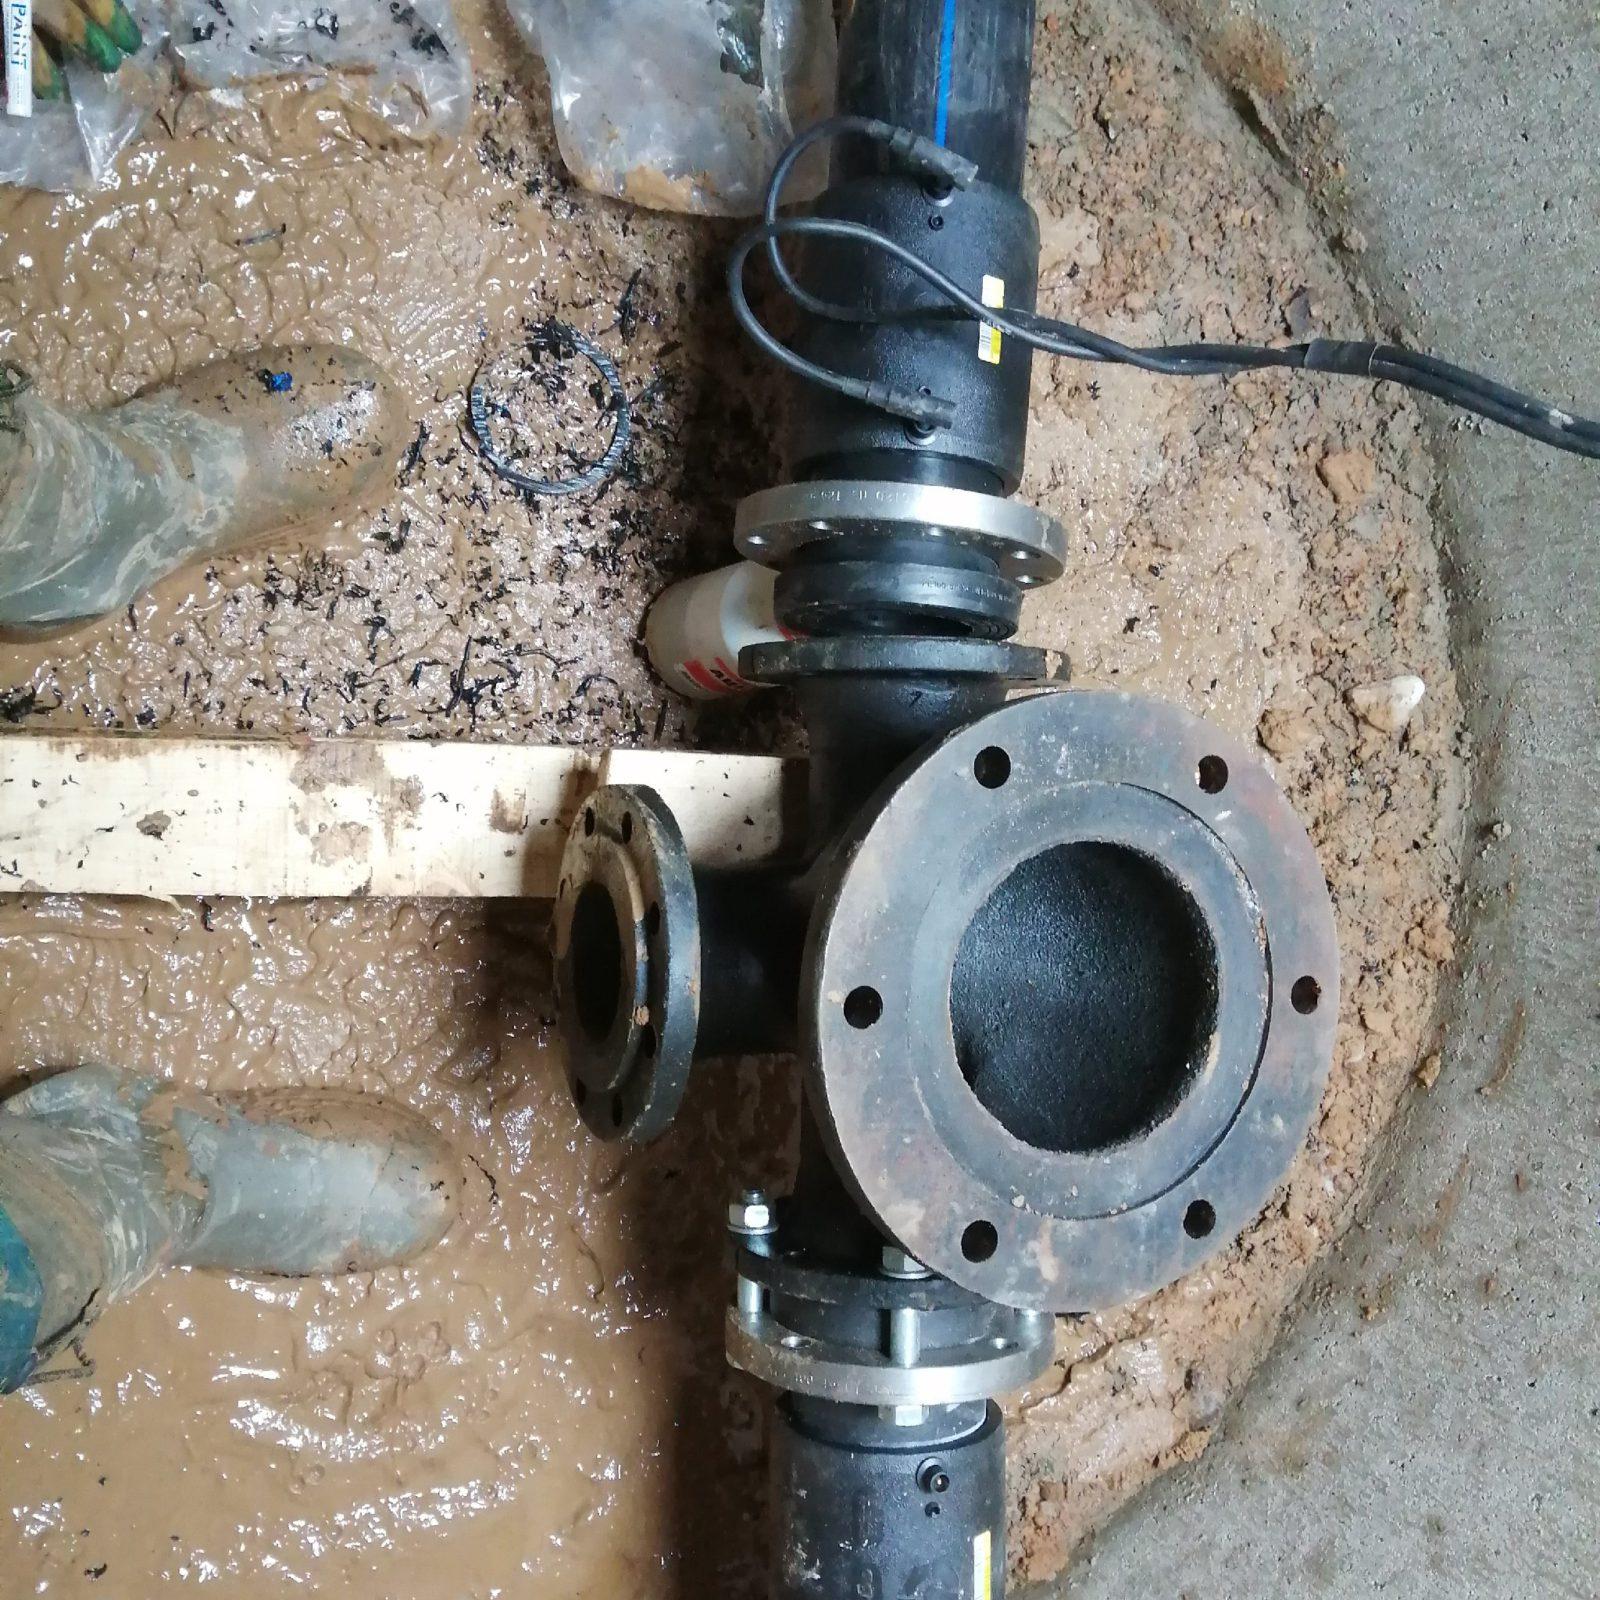 монтаж водоснабжения для школы - чугунный тройник под гидрант